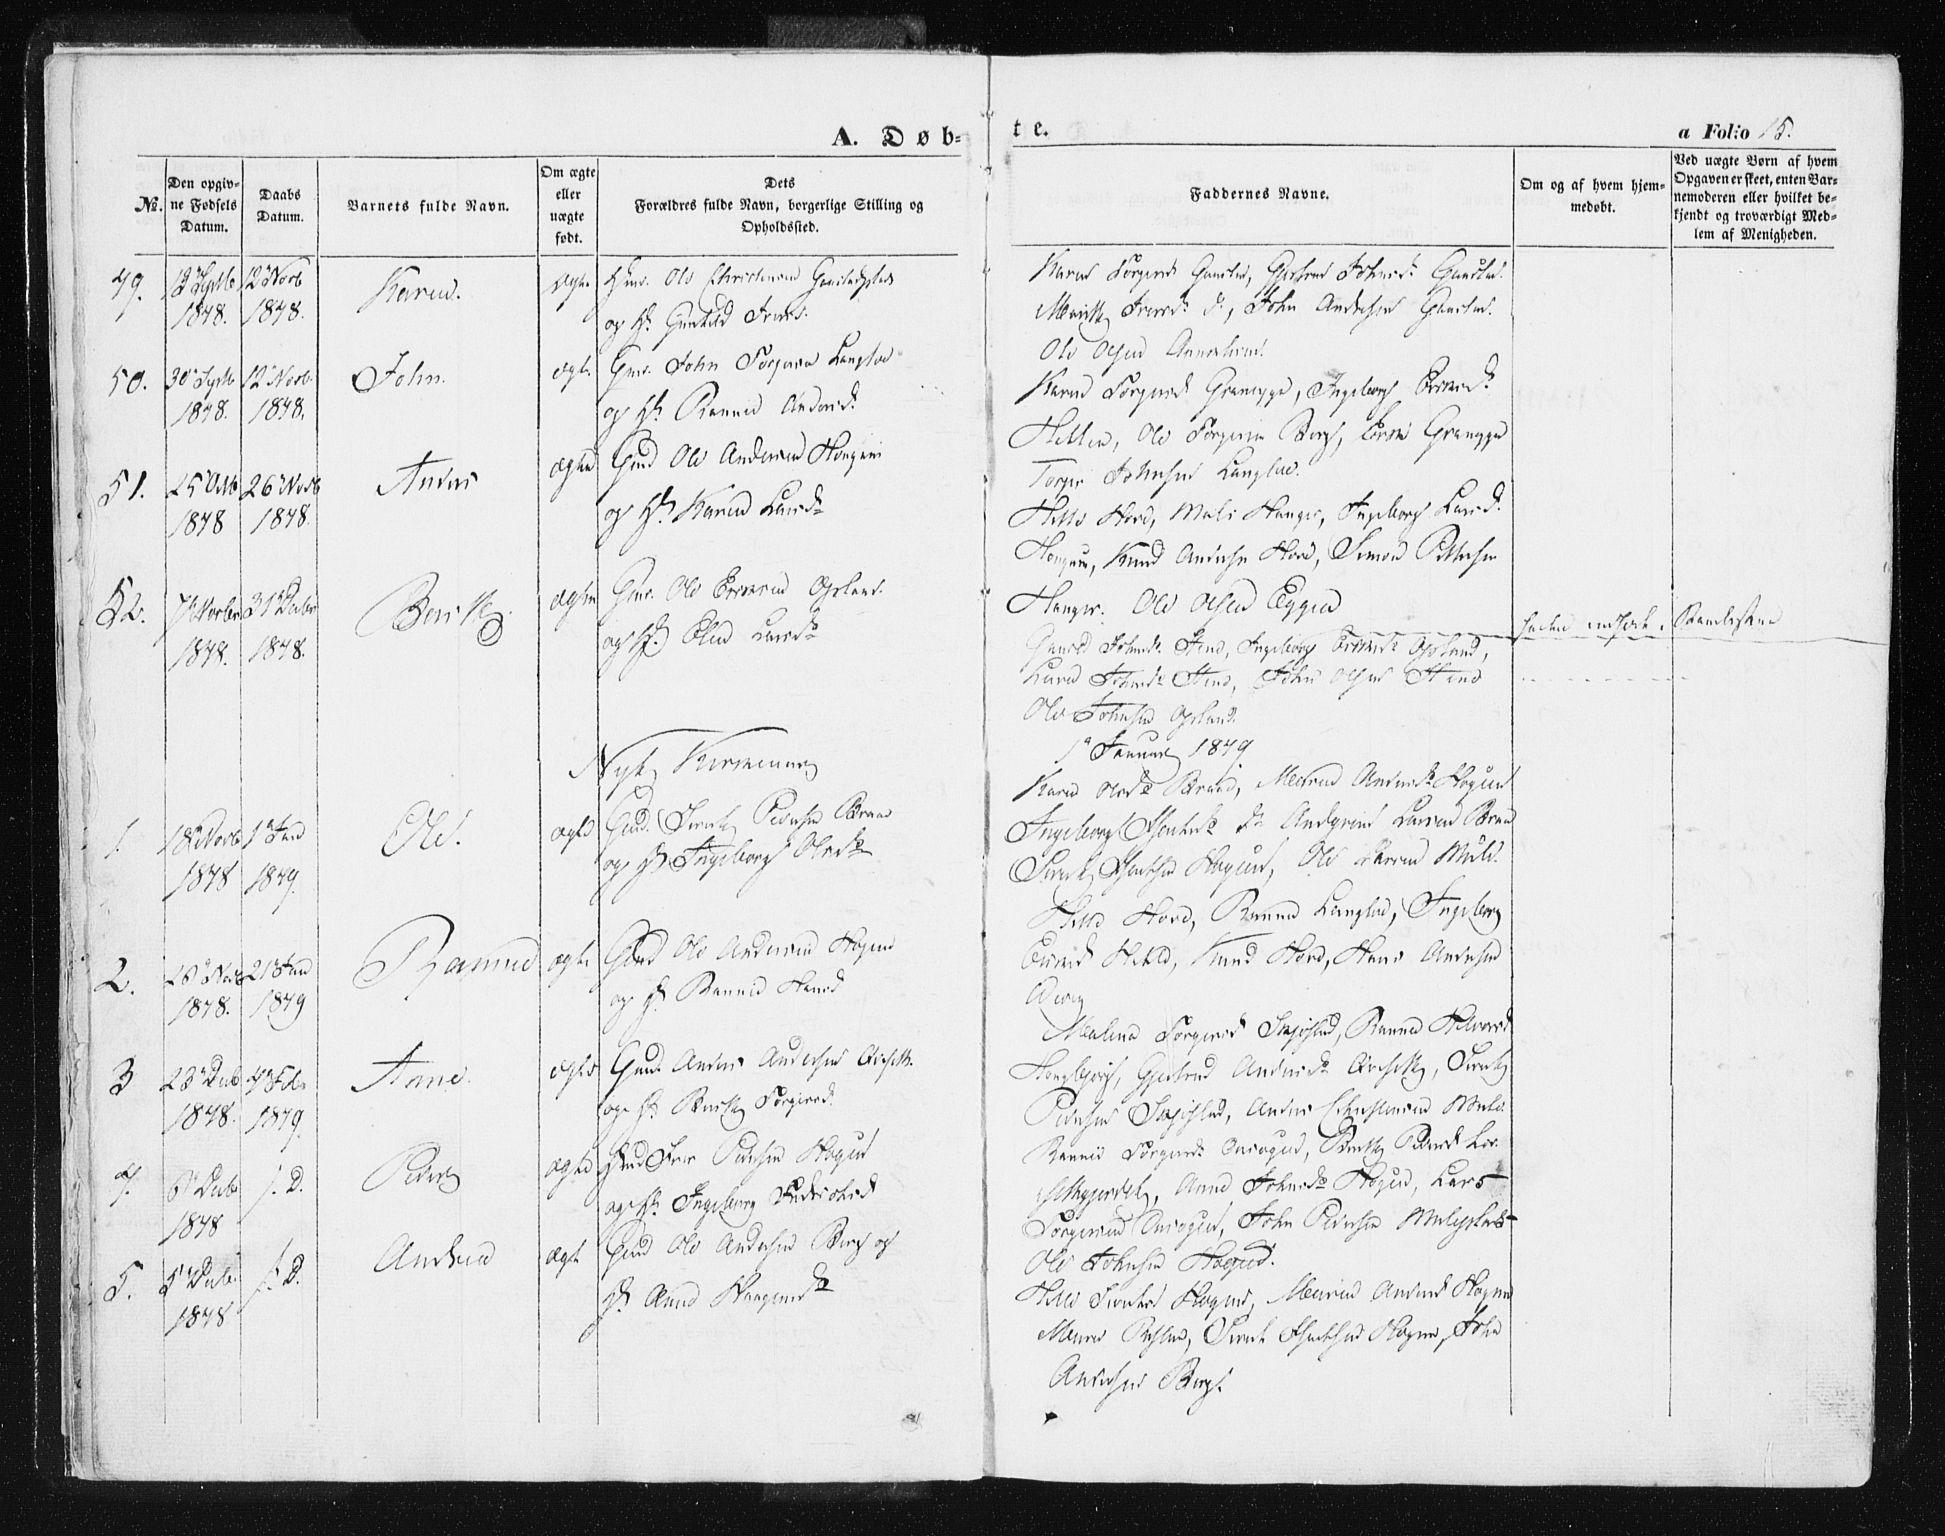 SAT, Ministerialprotokoller, klokkerbøker og fødselsregistre - Sør-Trøndelag, 612/L0376: Ministerialbok nr. 612A08, 1846-1859, s. 15